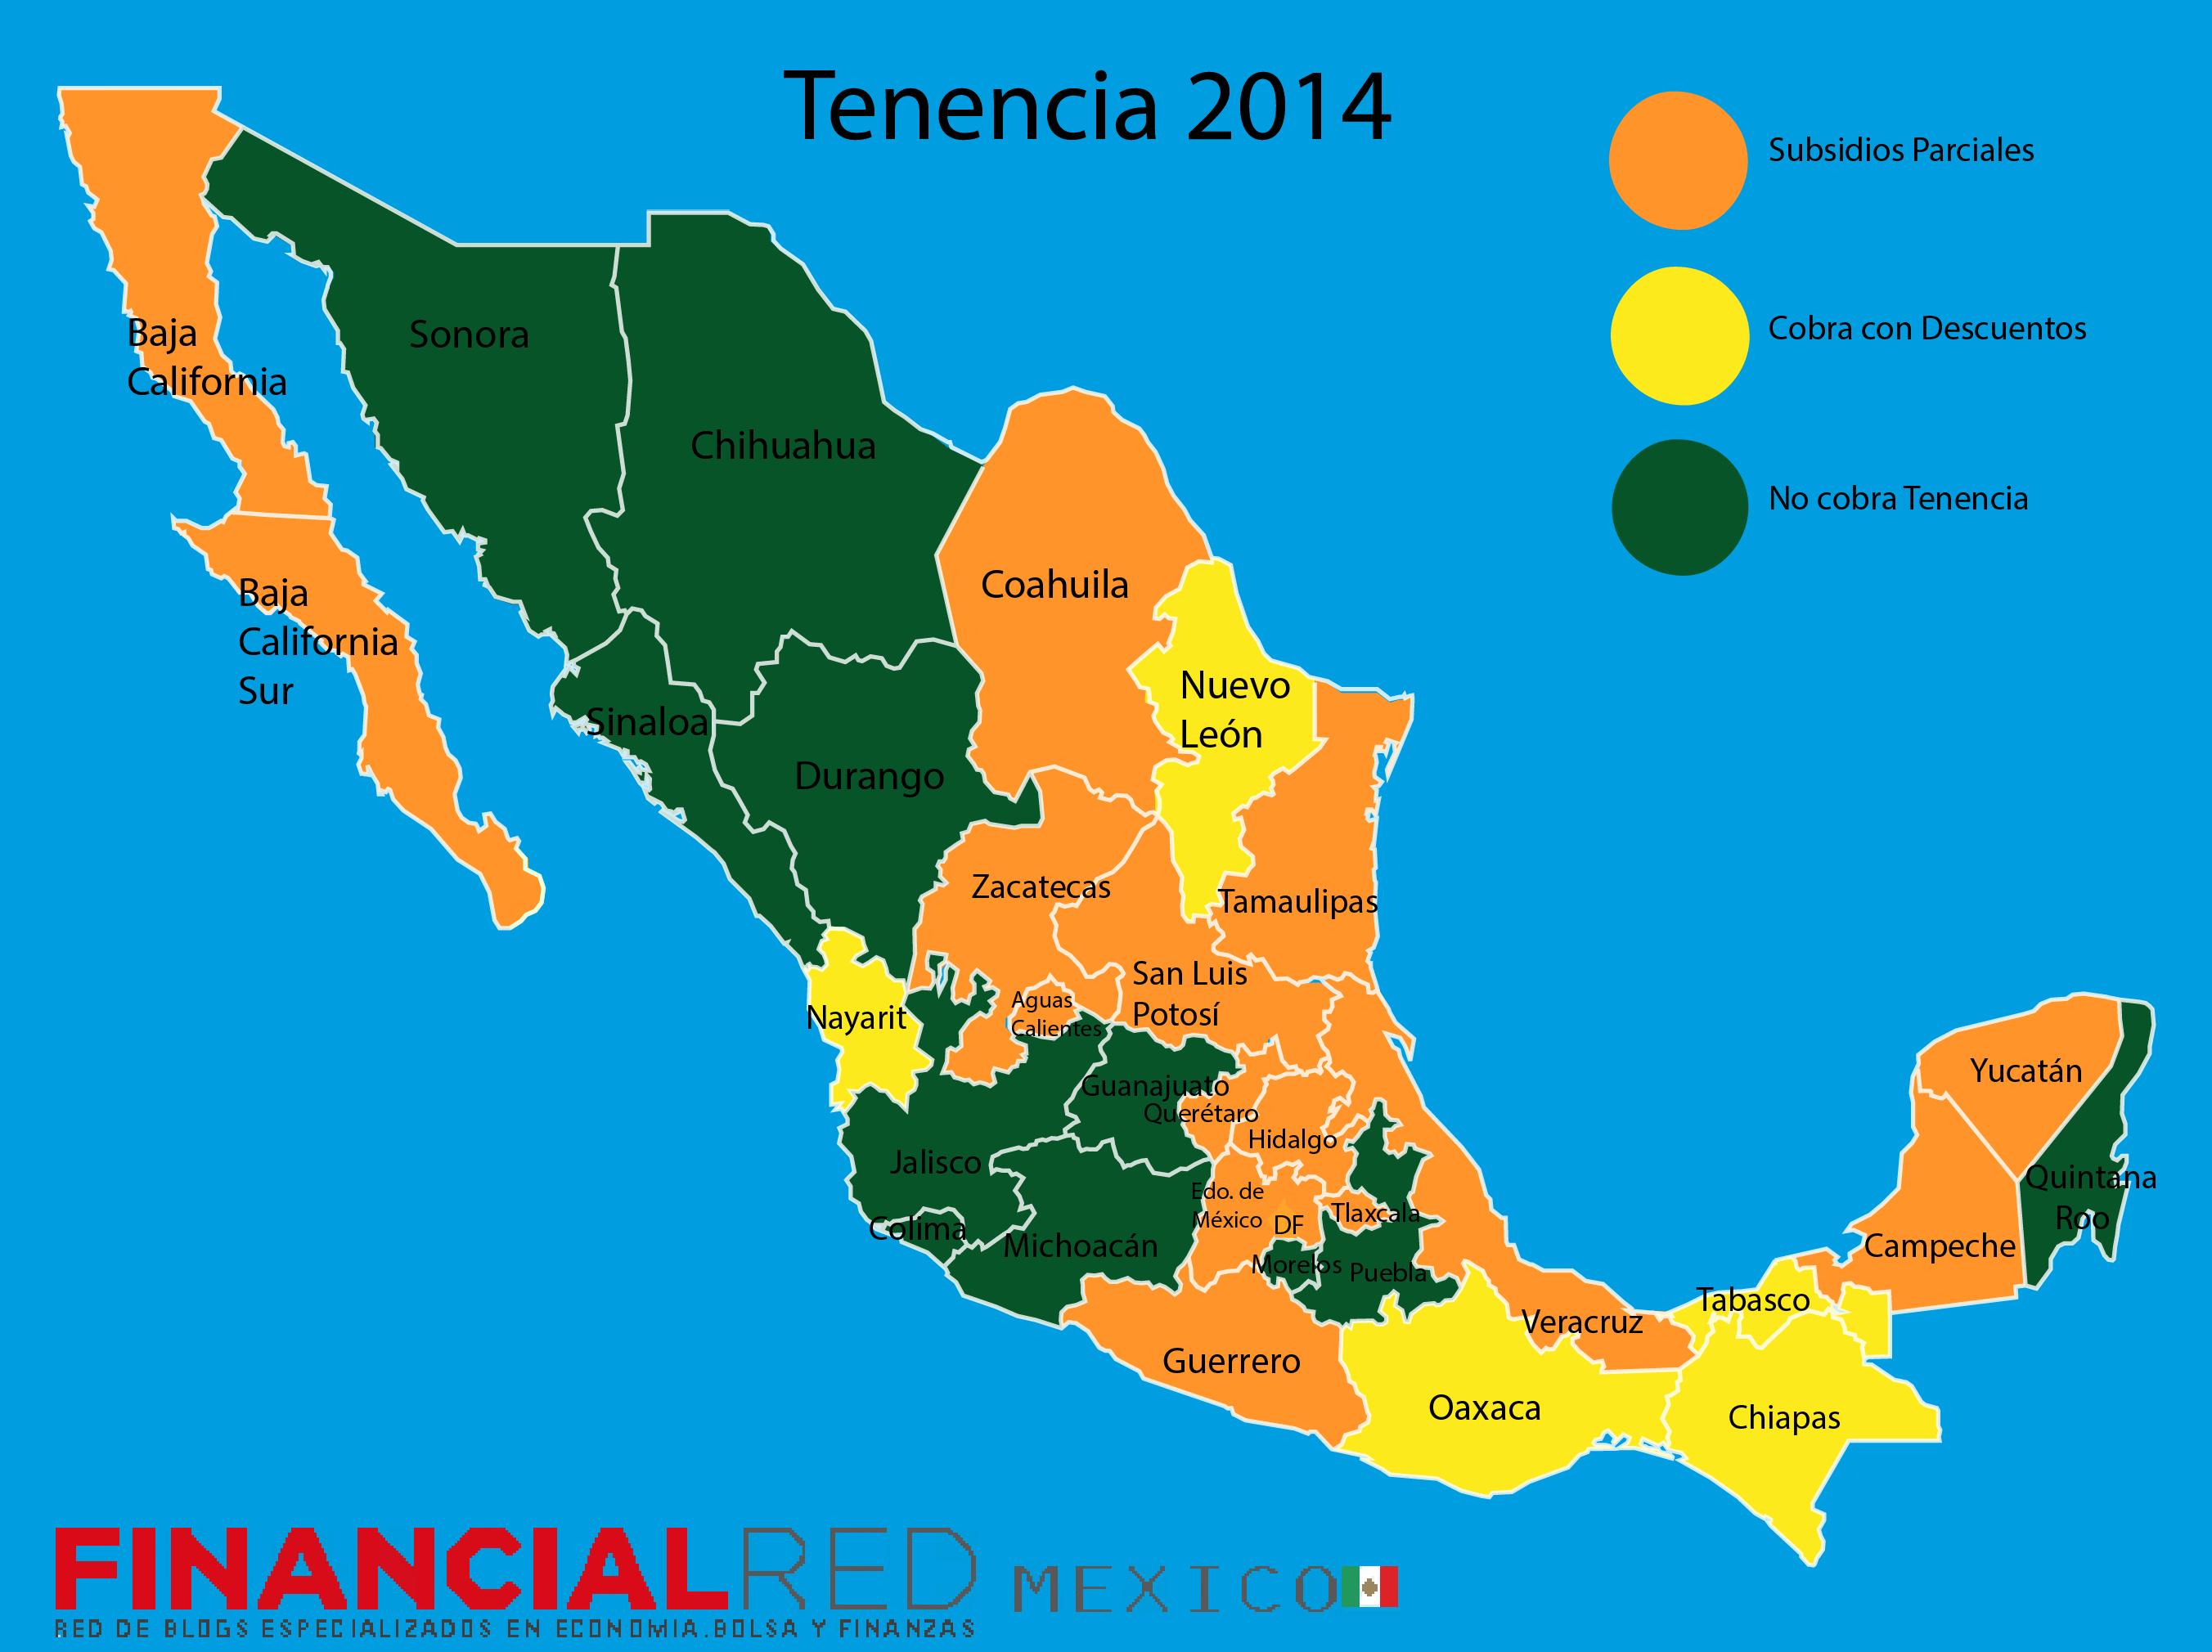 Mexico tenencia 2014